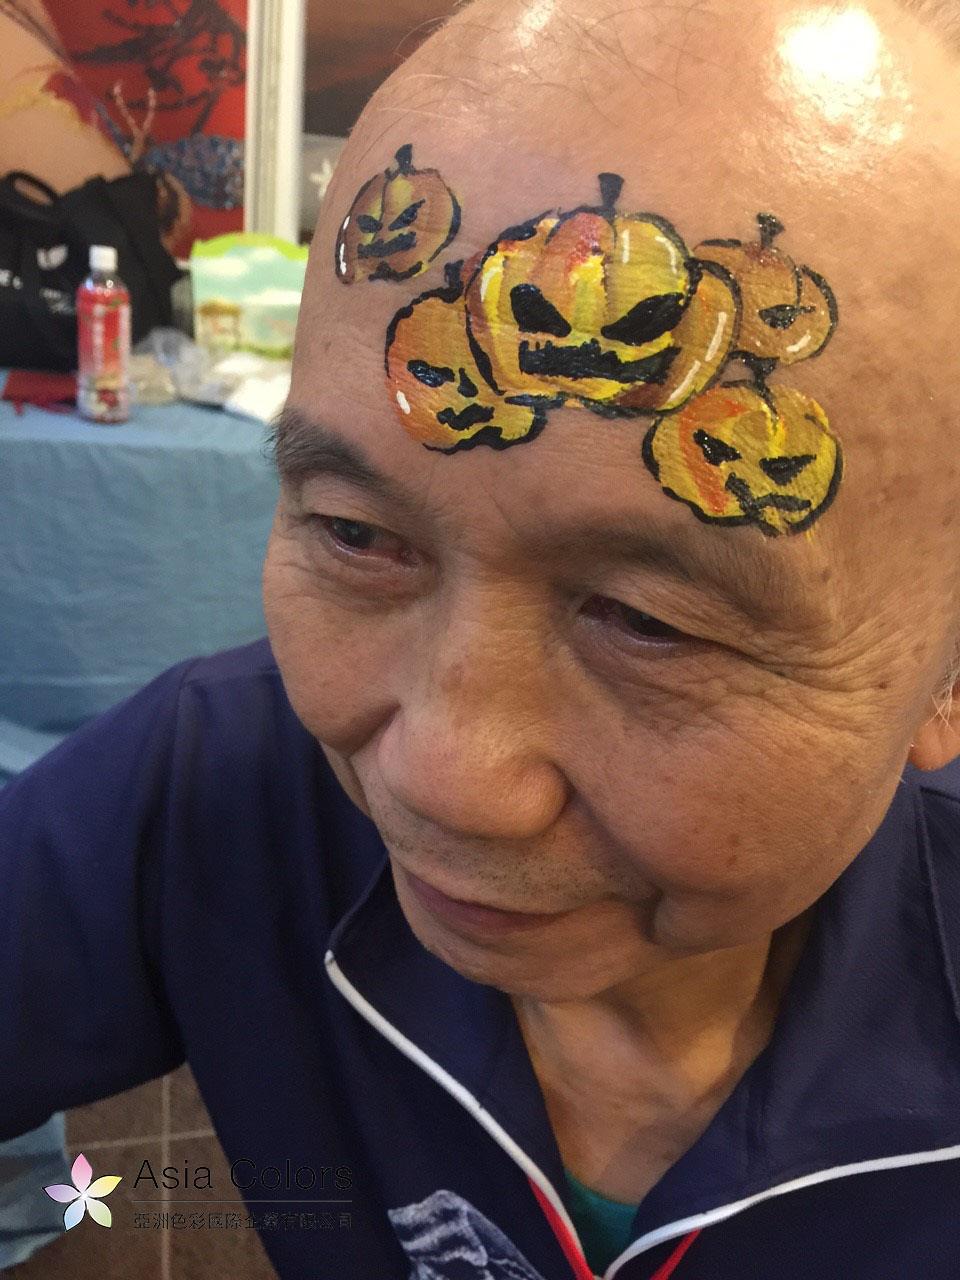 2015.10.31市政府彩繪_9168 copy.jpg